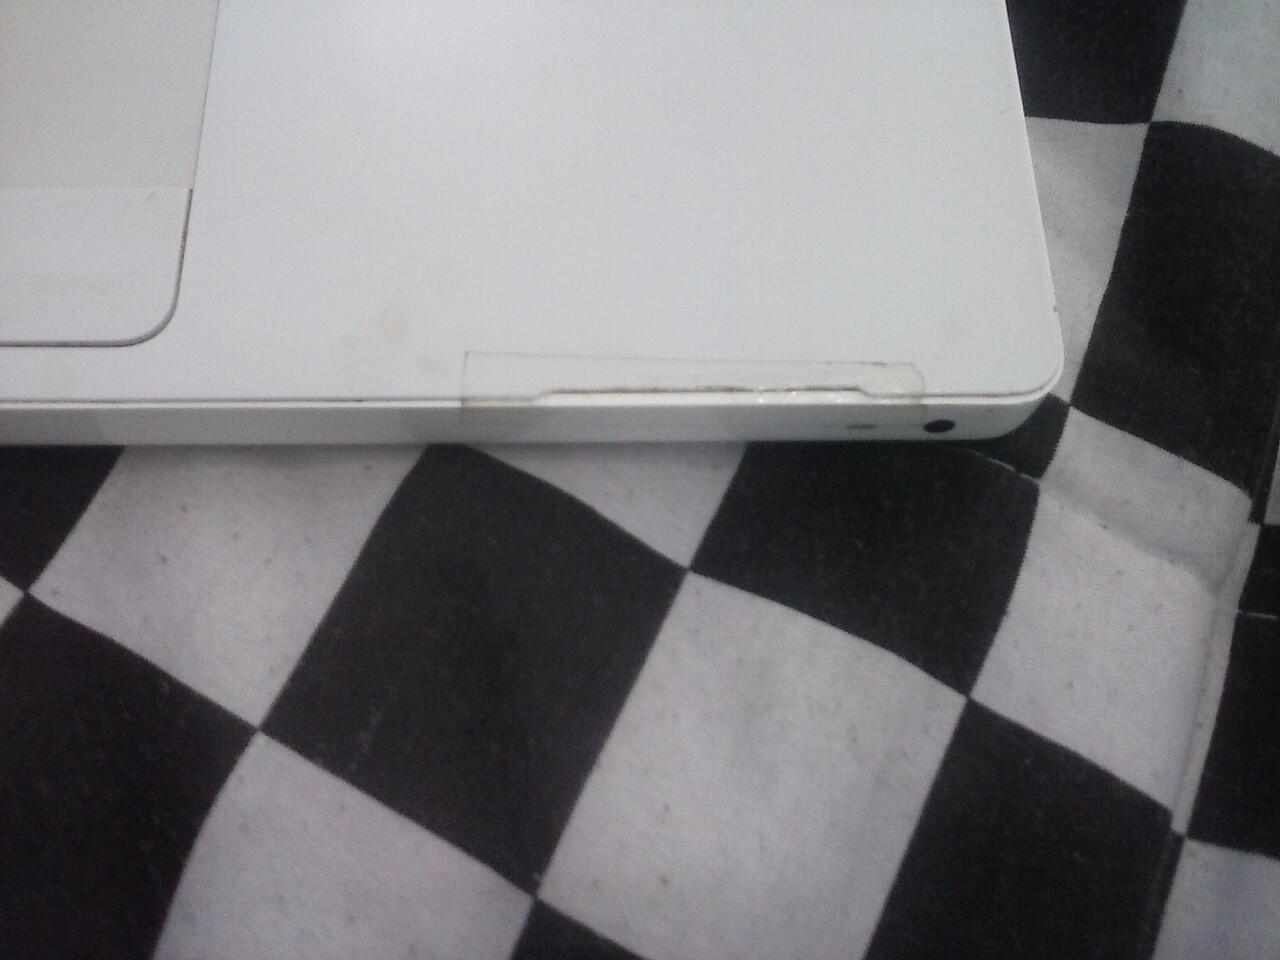 Apple macbook 4.1 core2duo bandung